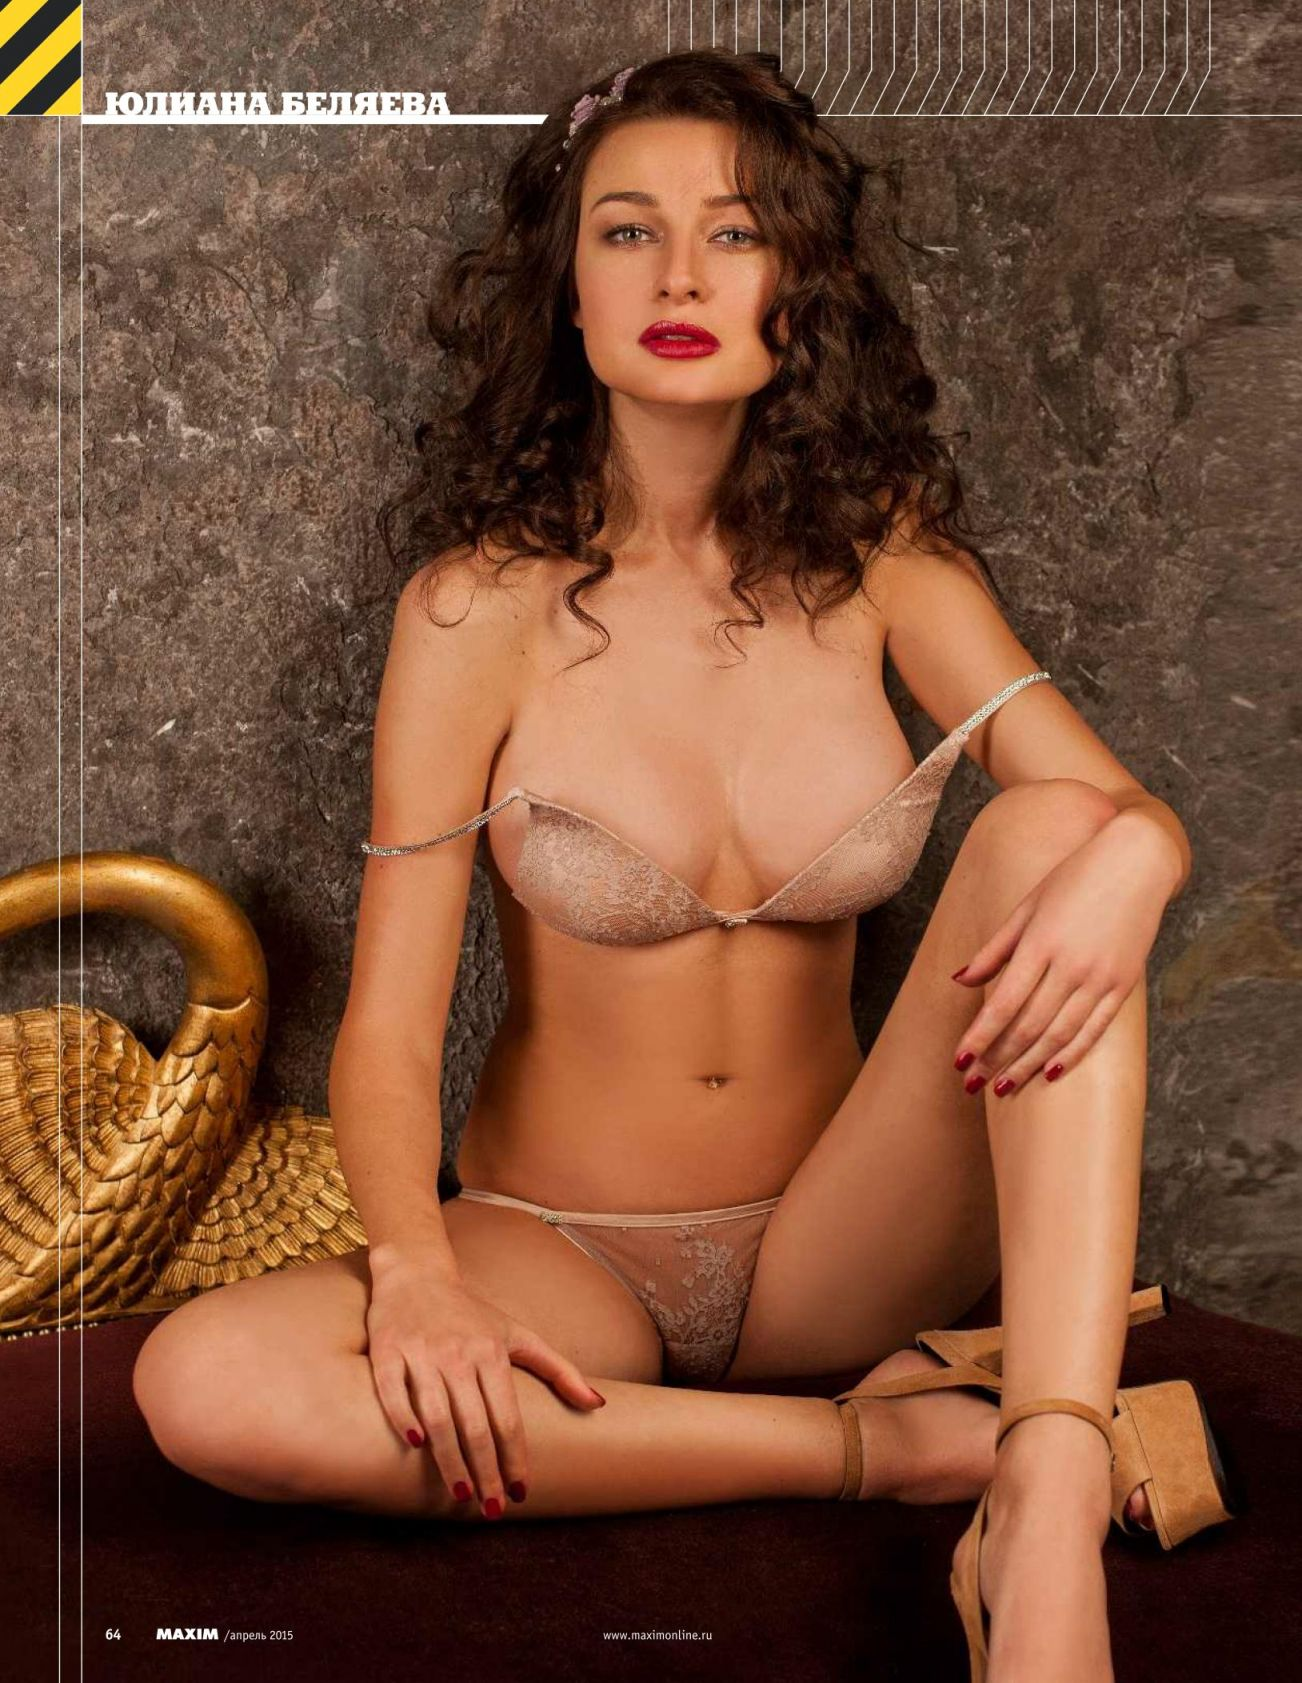 Yulianna Belyaeva Sexy Li...